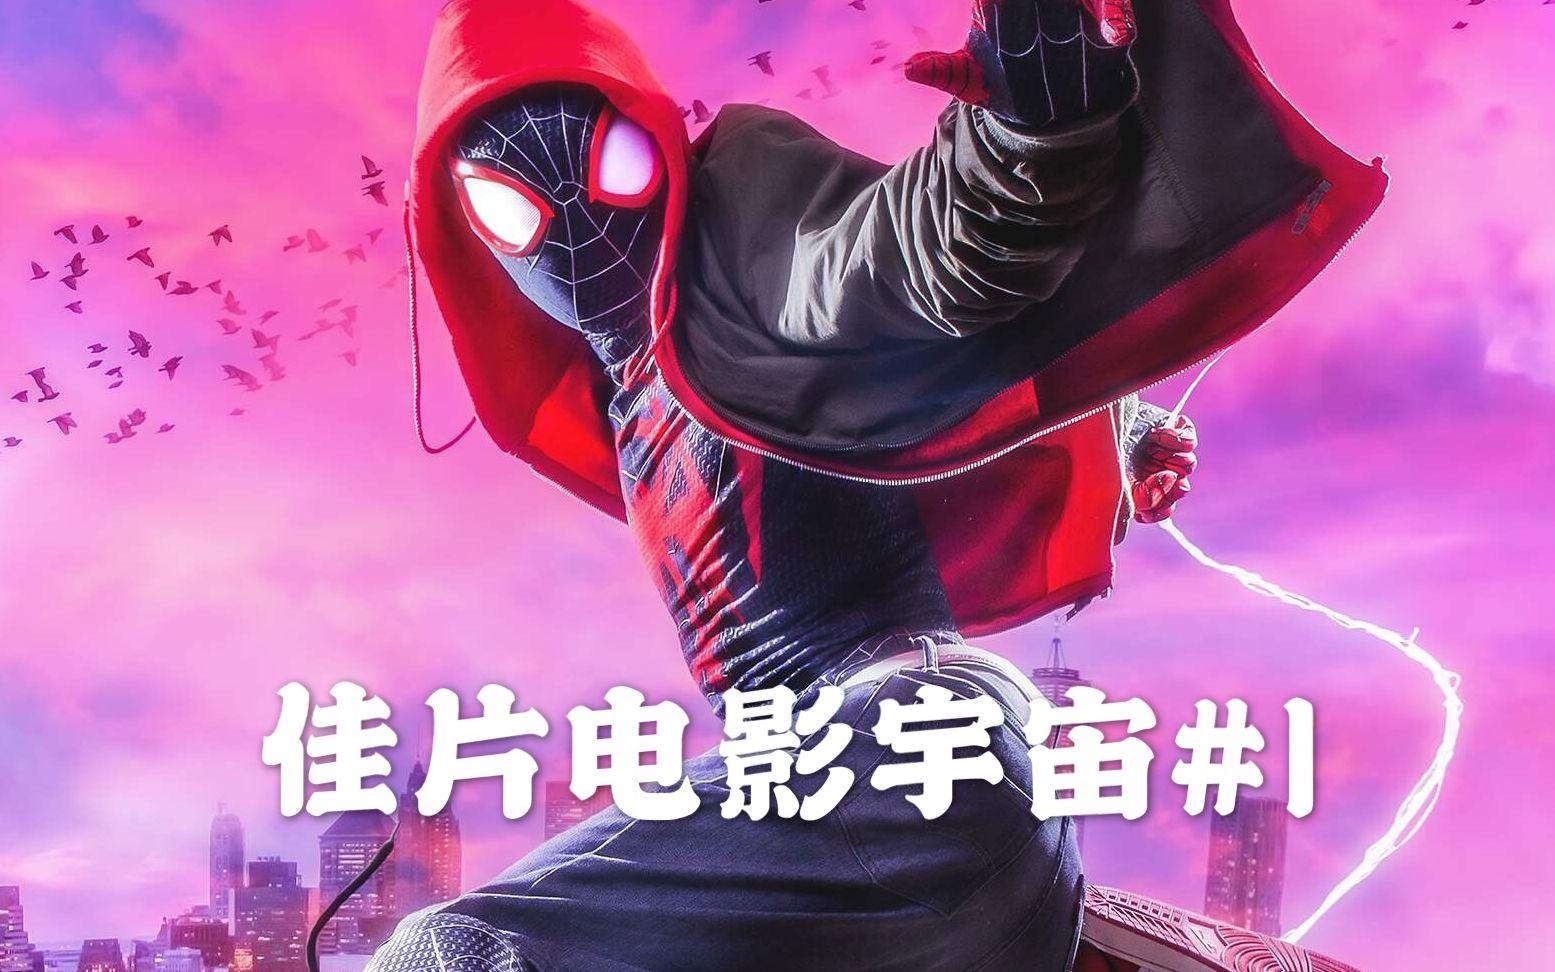 蜘蛛虐待片_【呆面】也许这部片子是蜘蛛侠电影的完全体?_哔哩哔哩 (゜-゜ ...